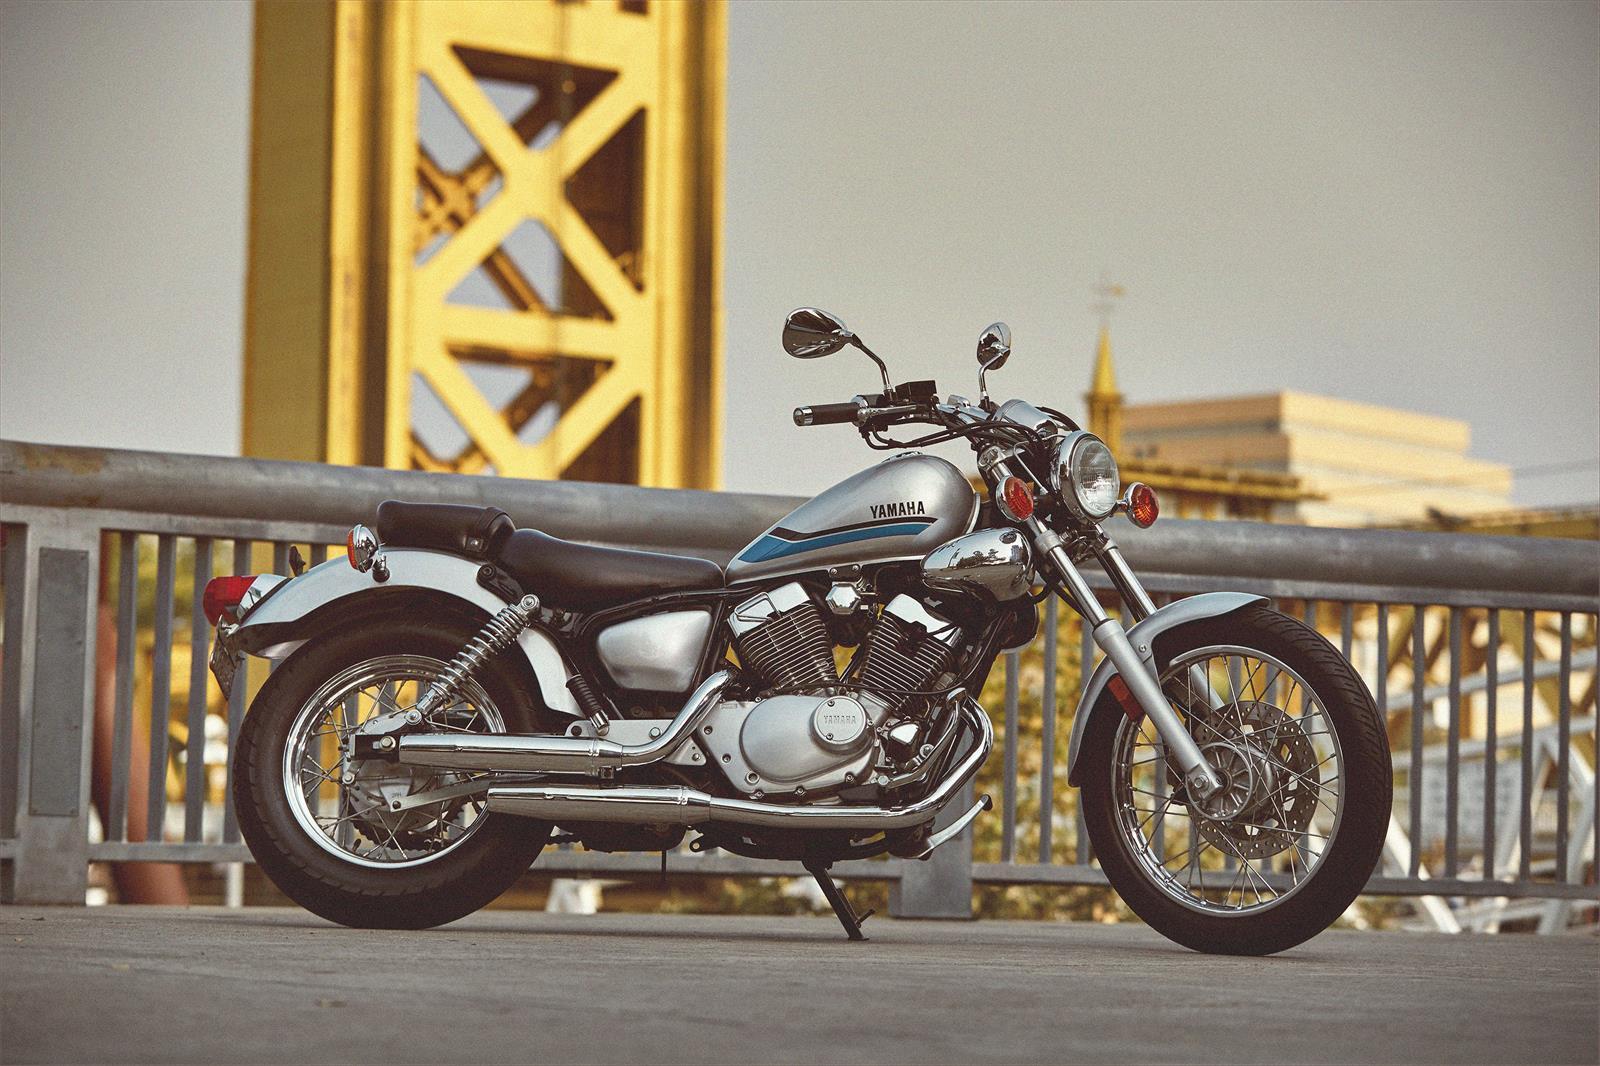 2. Yamaha V Star 250